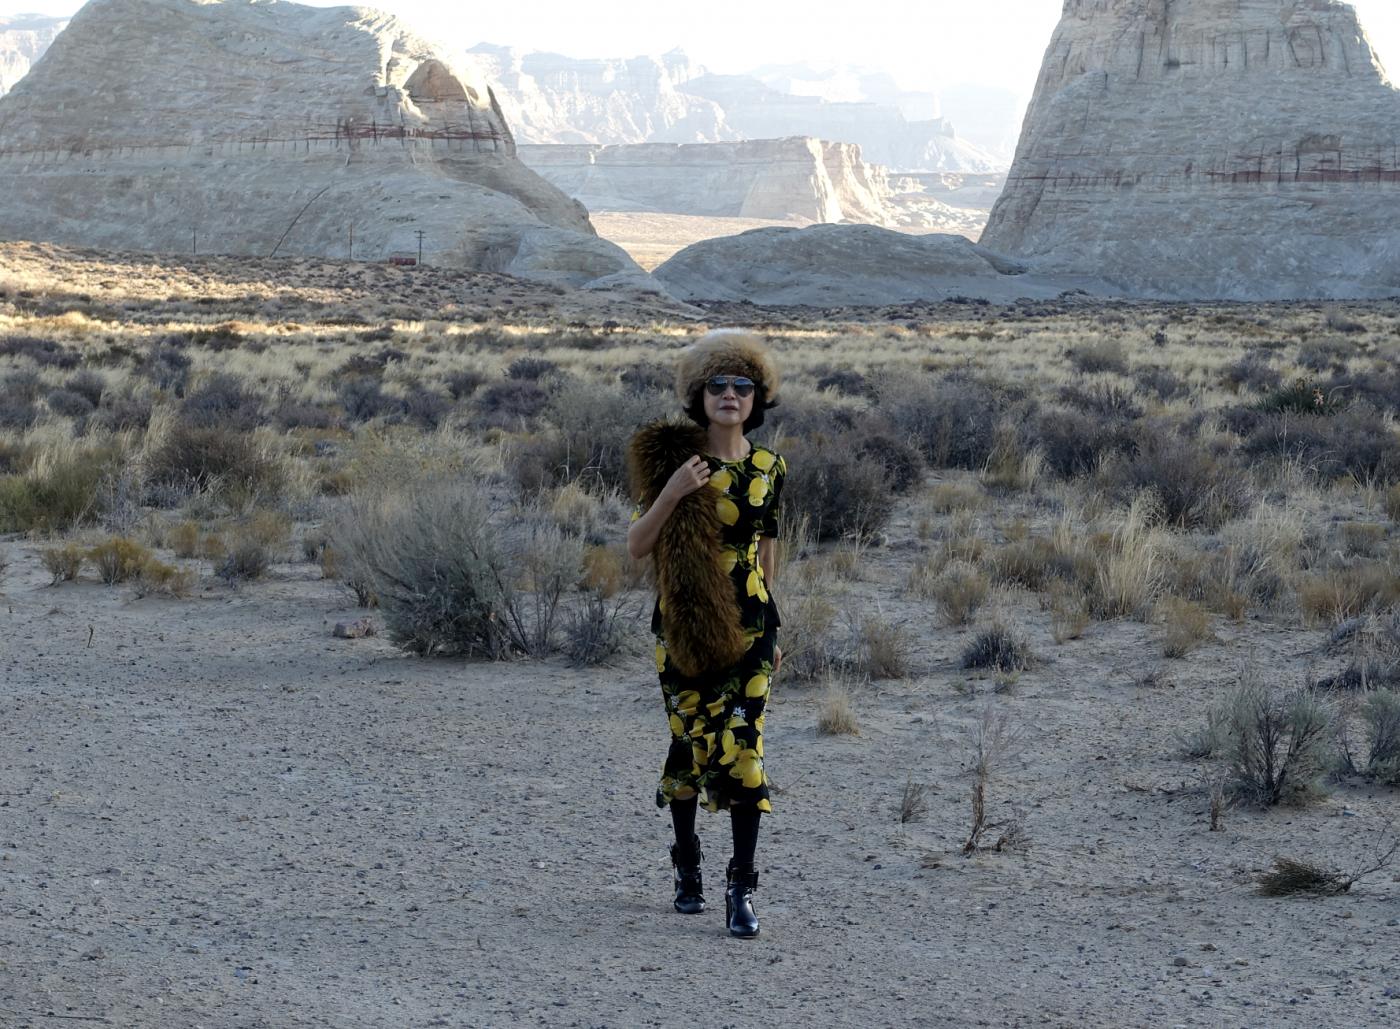 在渺无人烟的大沙漠中如何自得其乐_图1-37